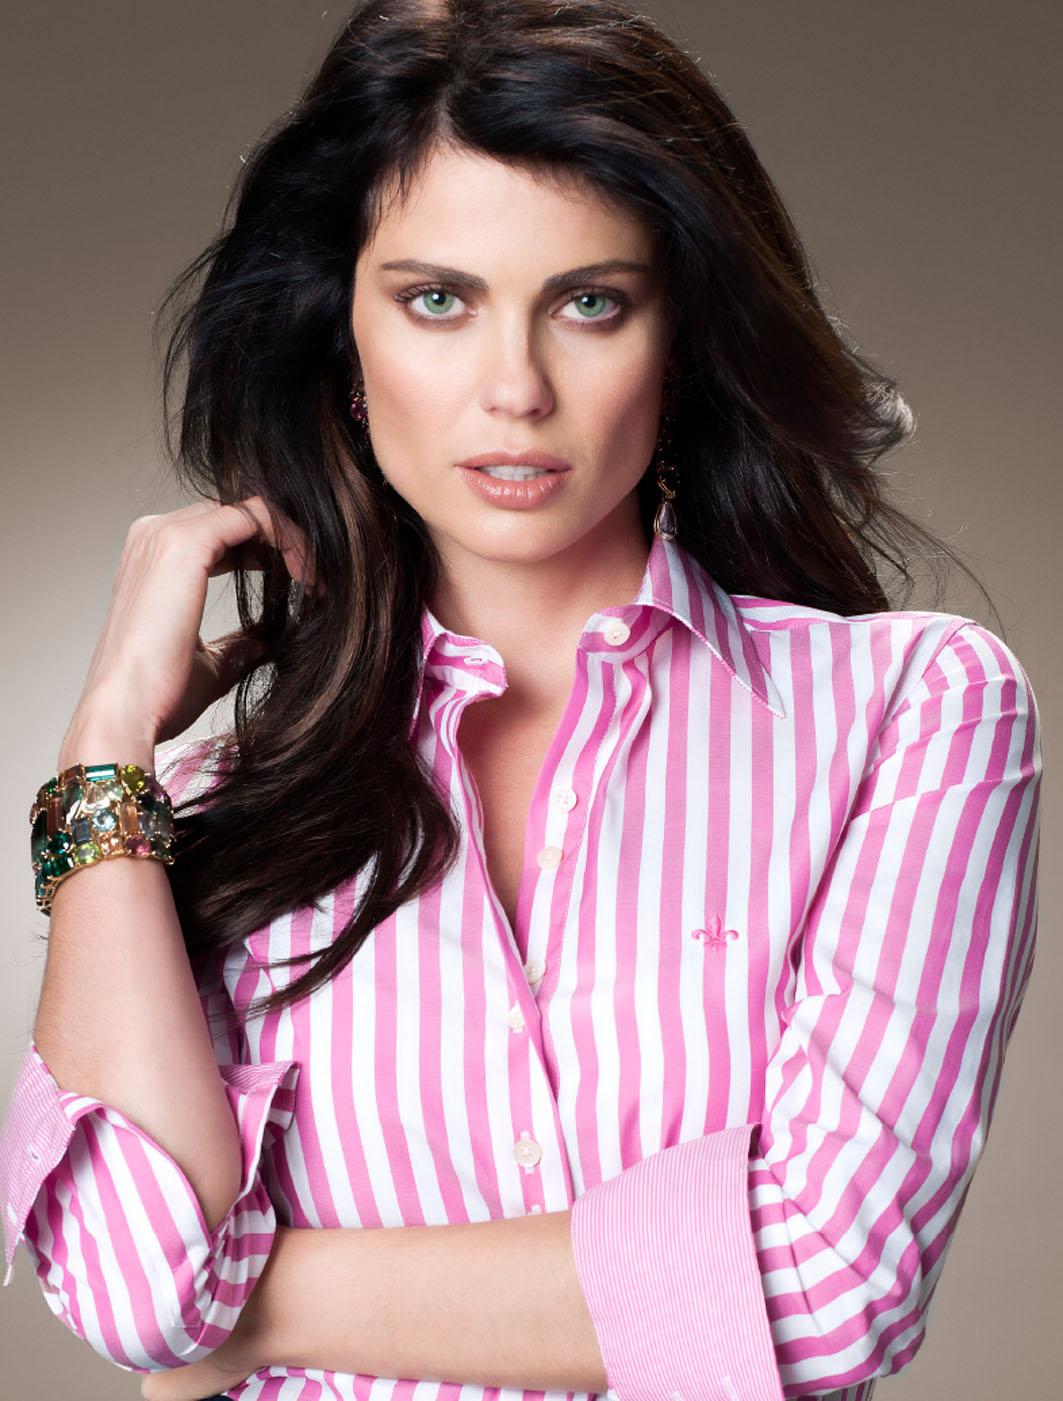 731e5f4ebc4 Camisa feminina da dudalina para mulheres de bom gosto - Moda e ...